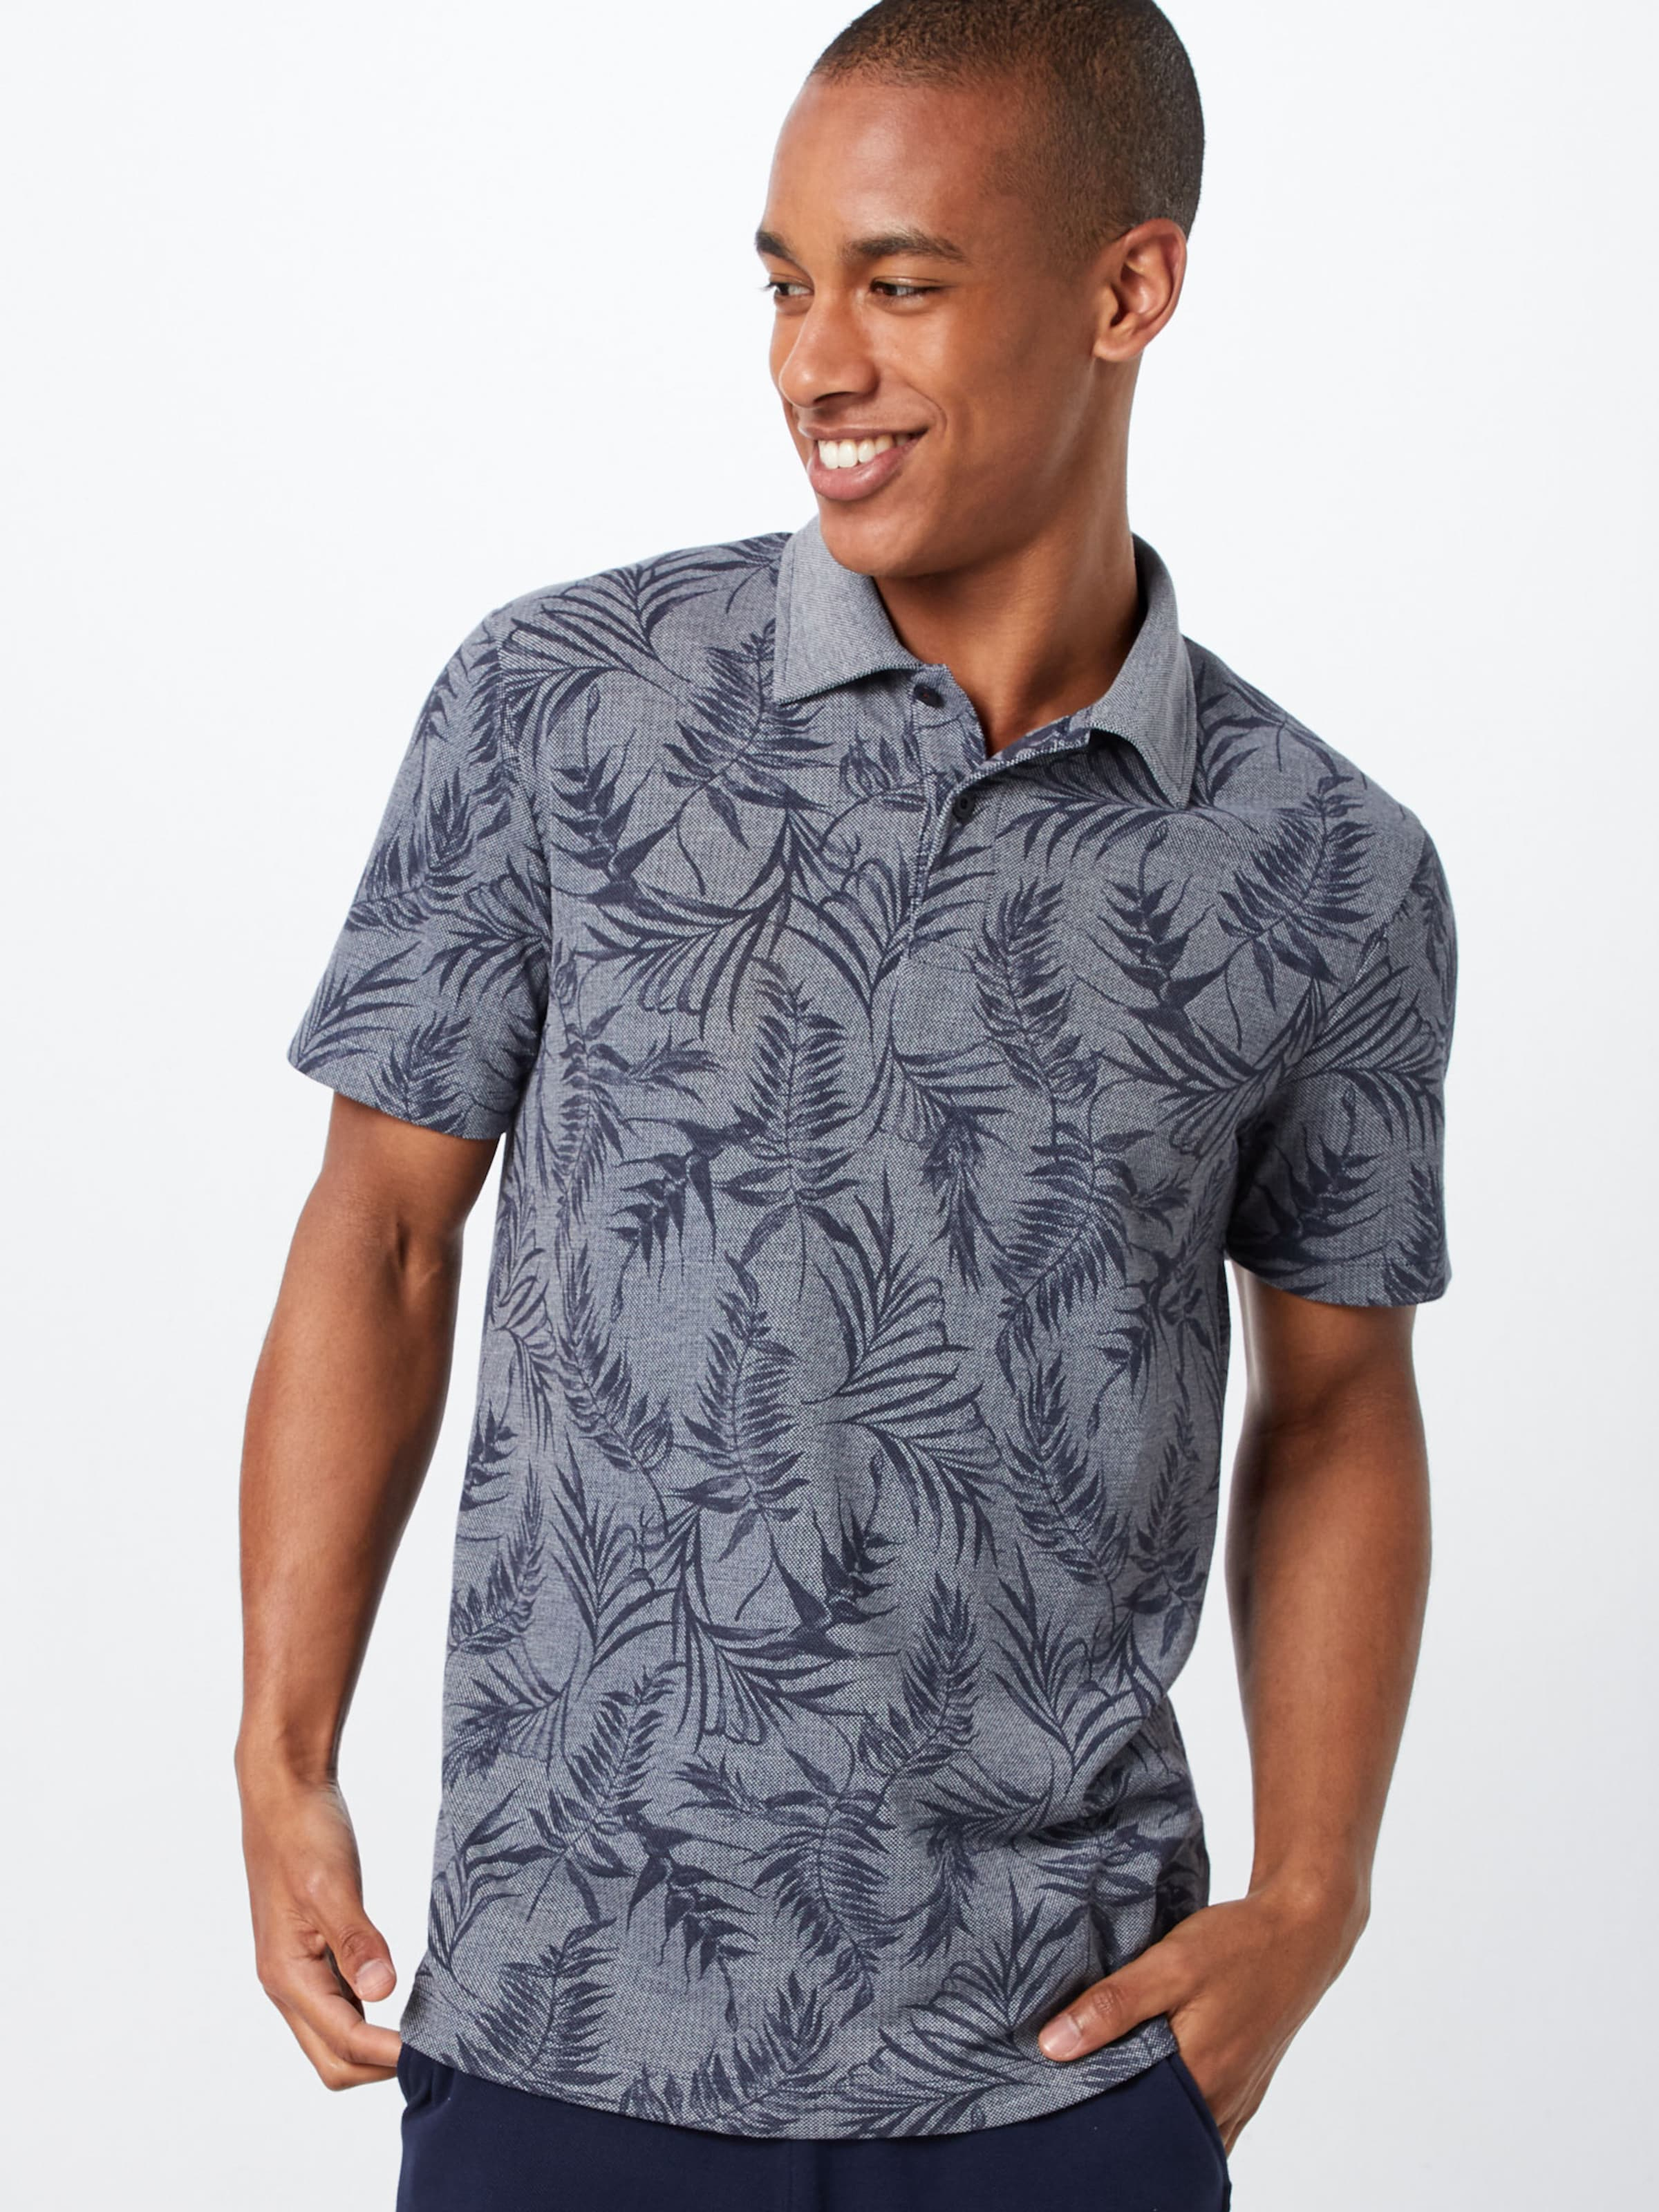 Vert En Jackamp; GazonPastel Jones shirt T edCBorx